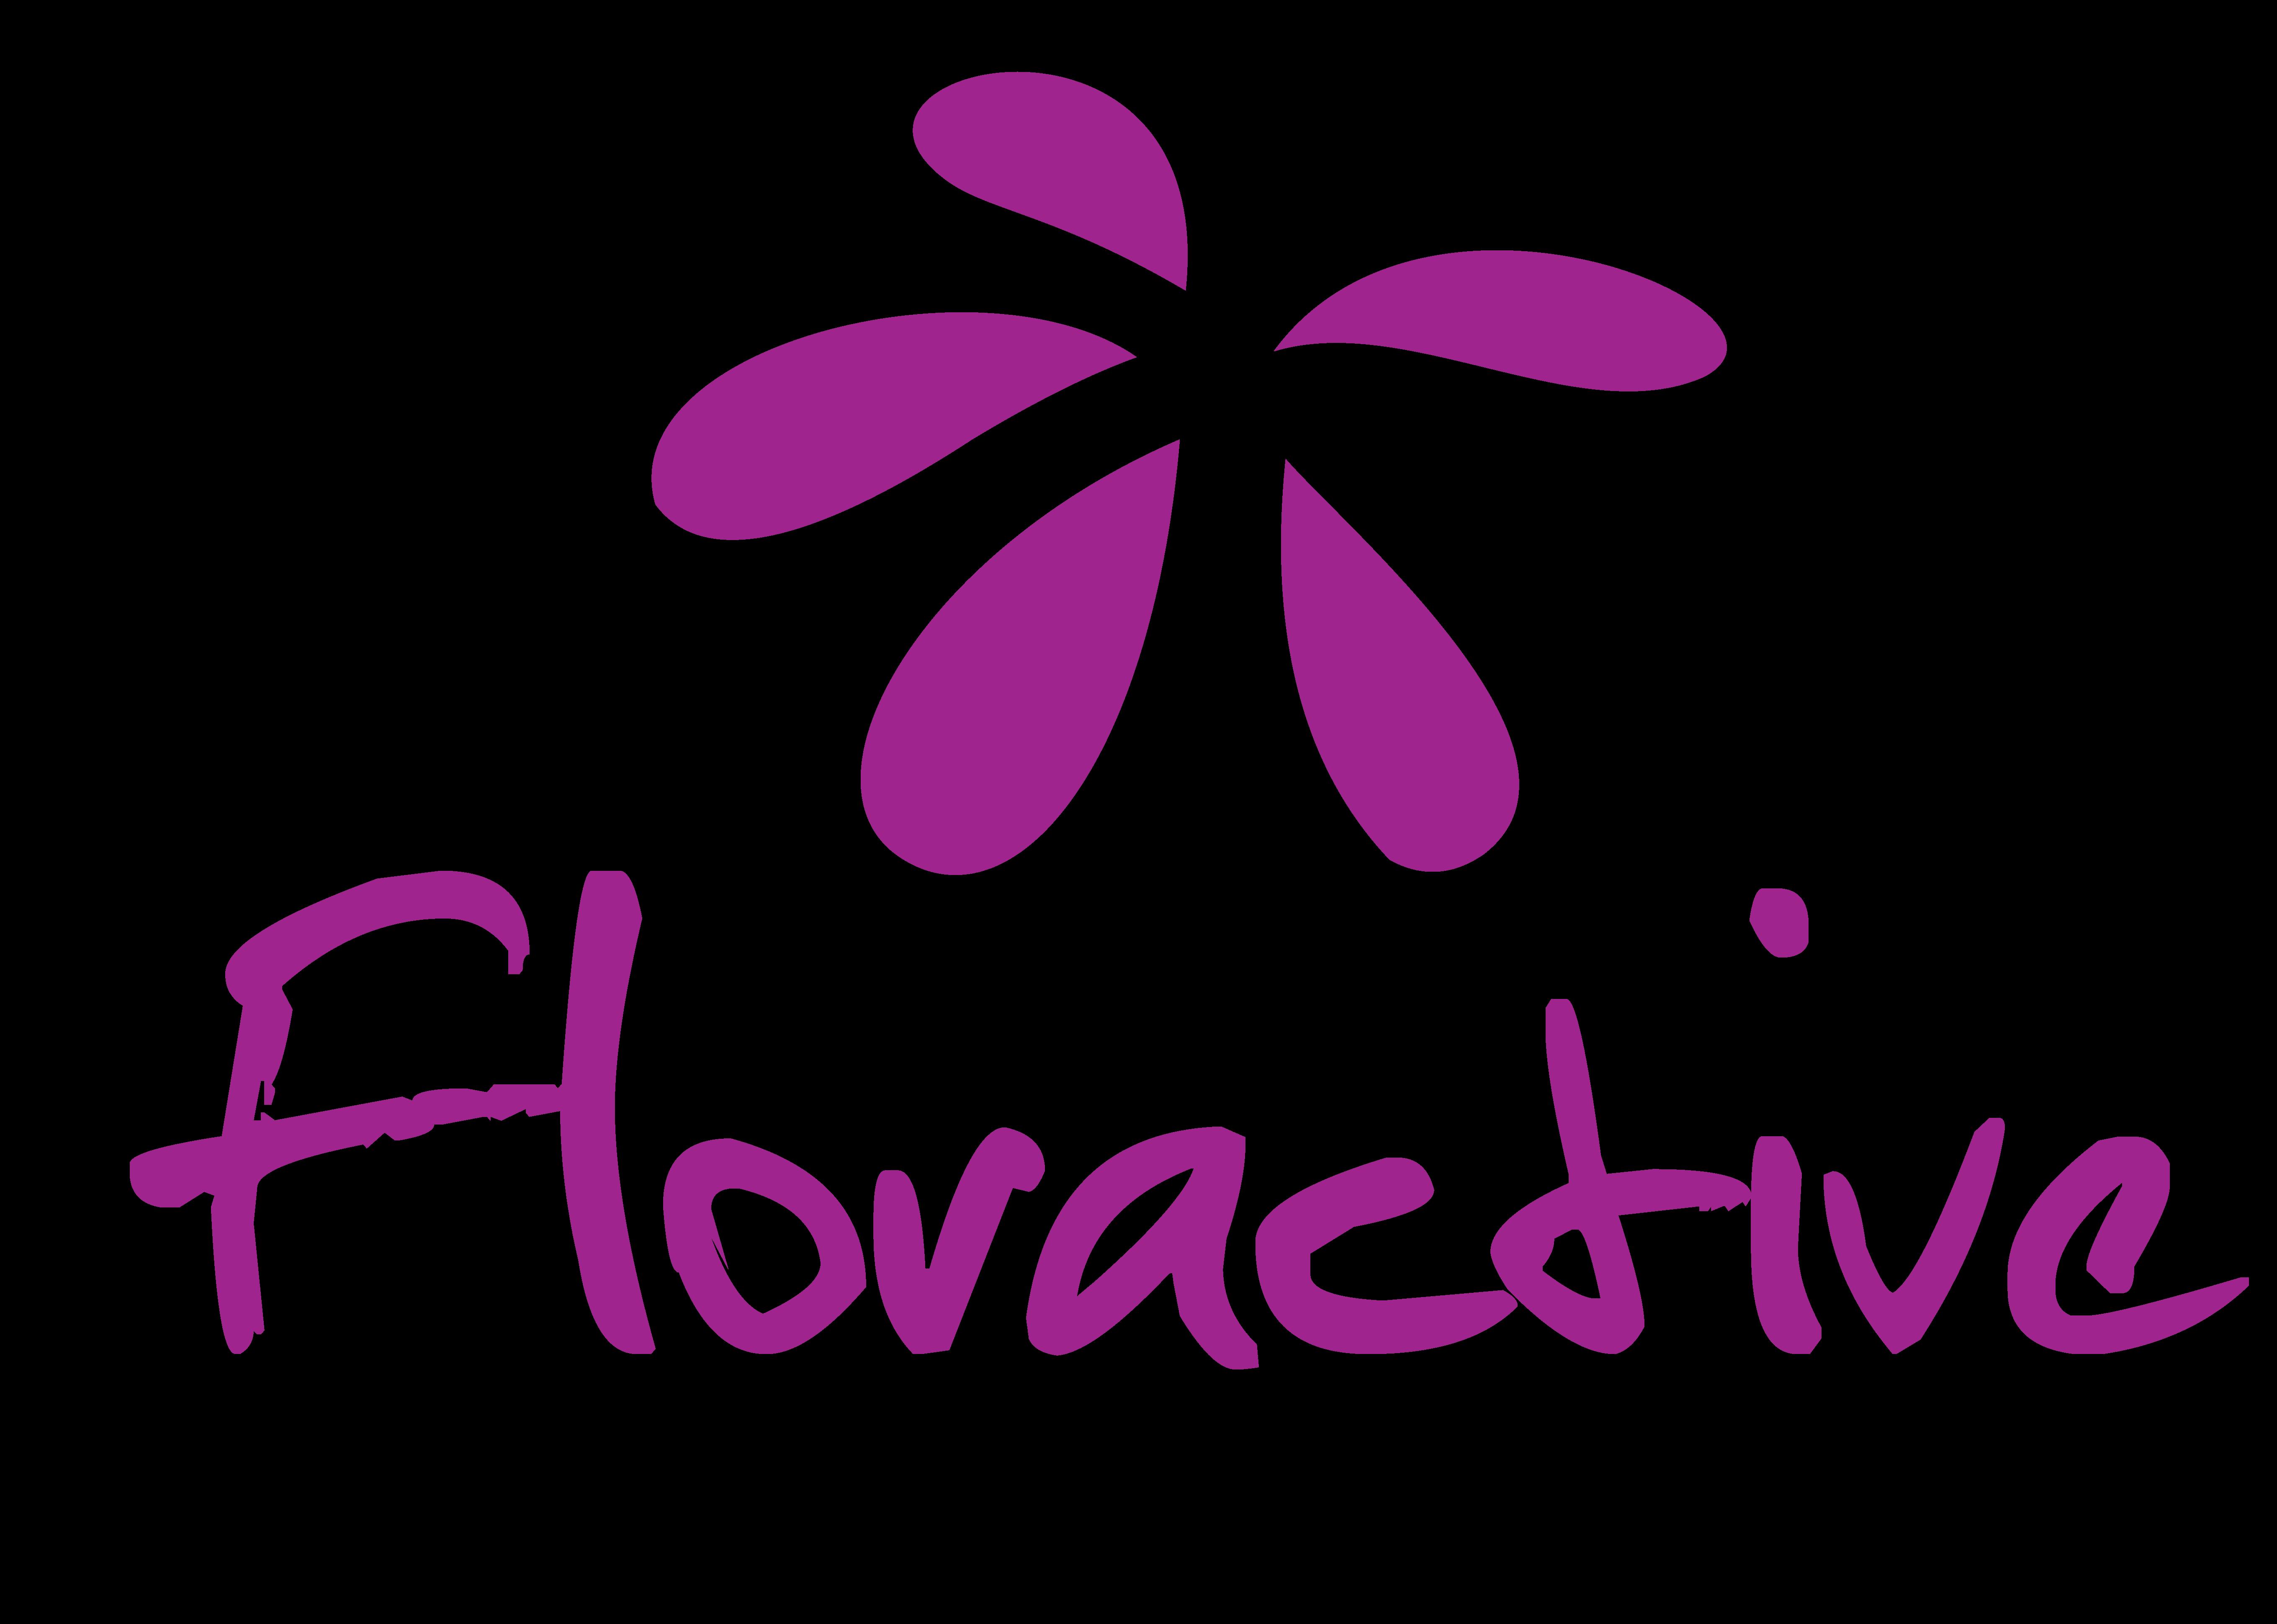 FLORACTIVE PROFISSIONAL